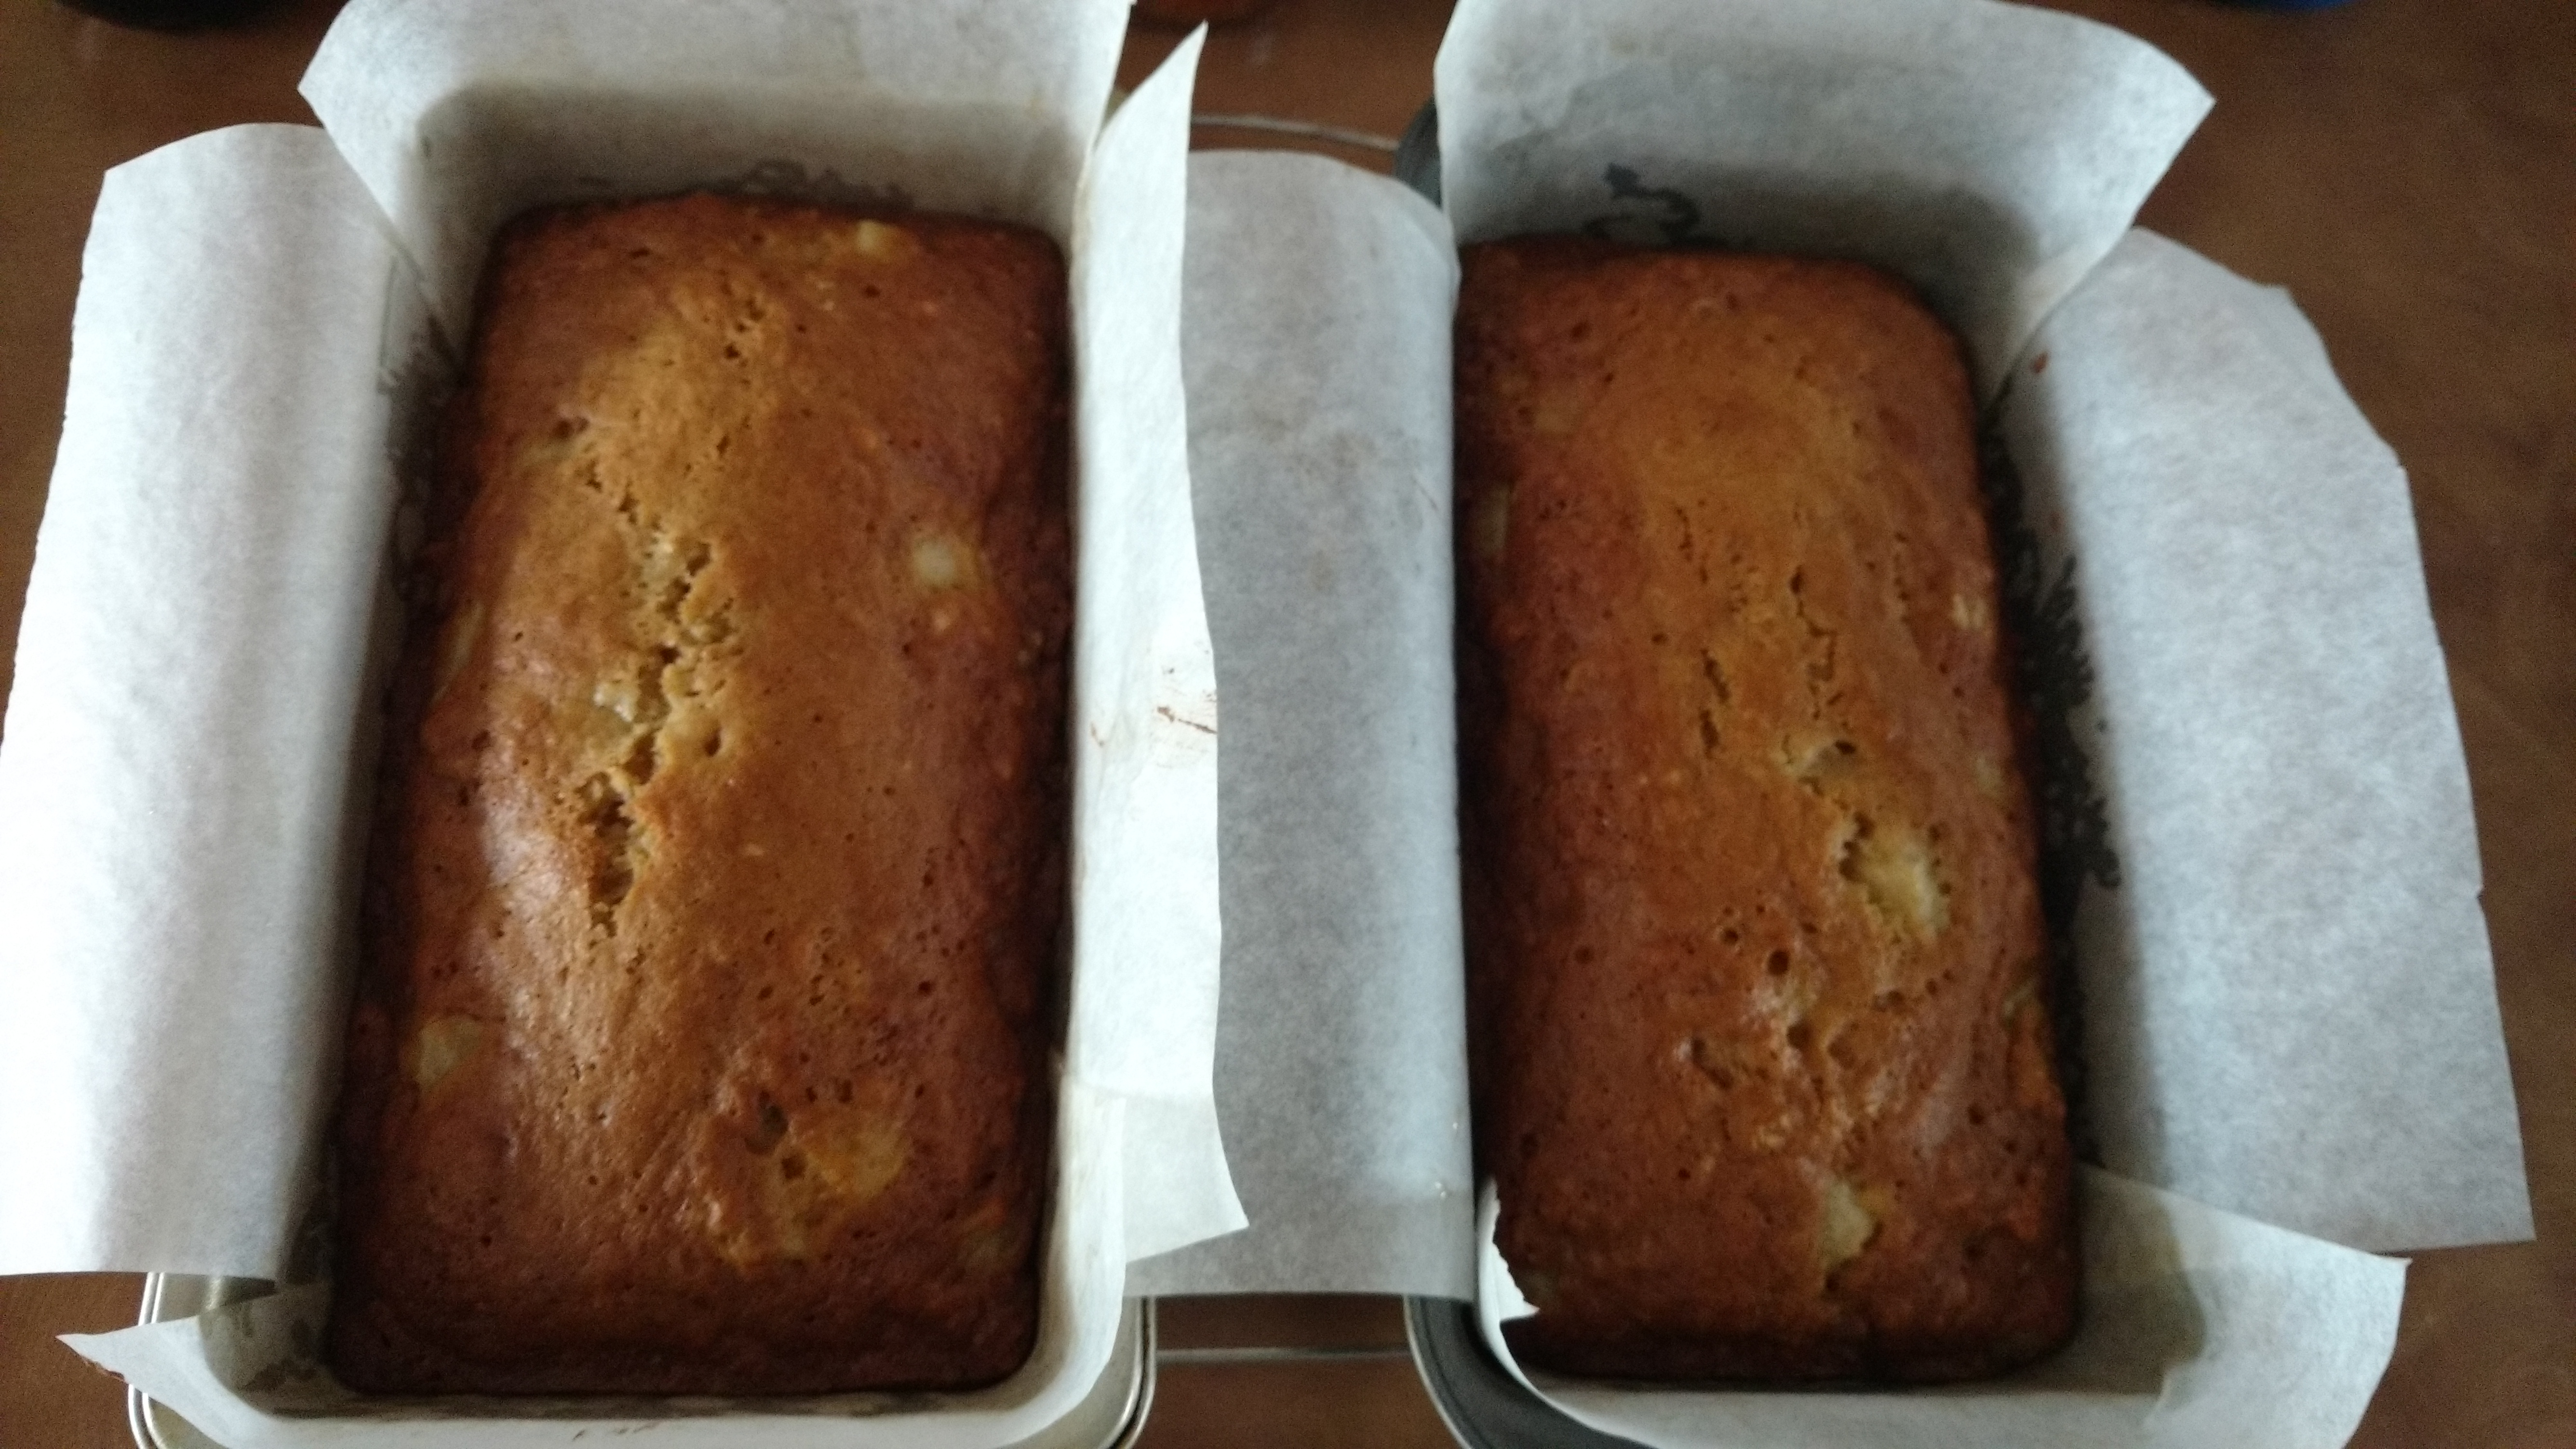 Ginger Pear Bread Lesley Egden